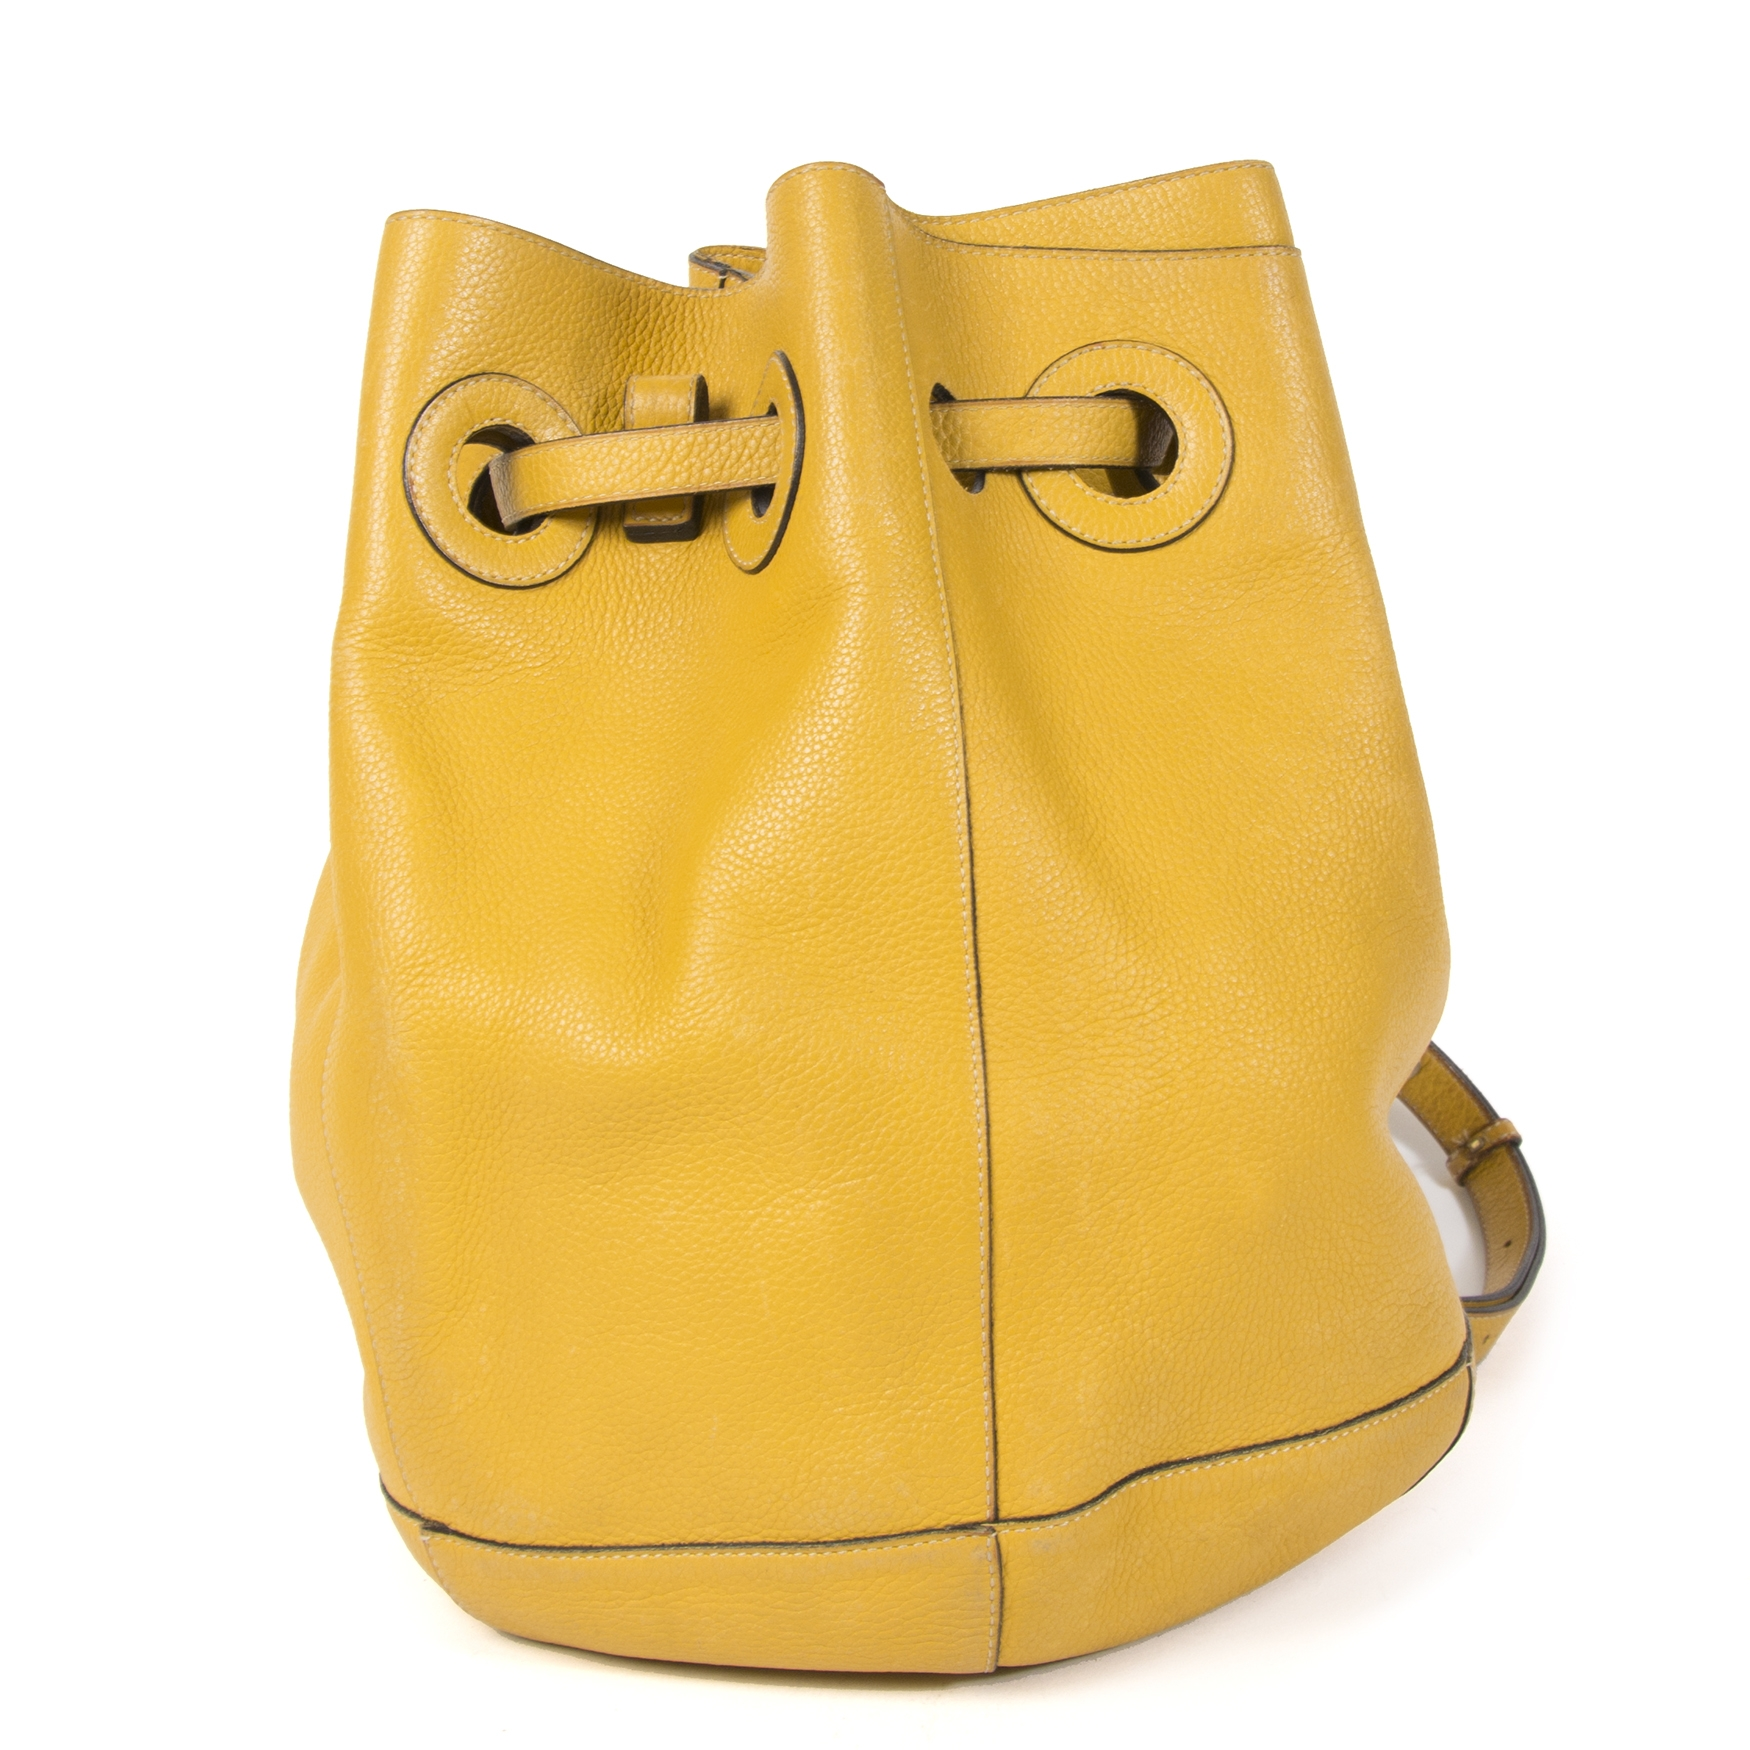 Authentieke Tweedehands Delvaux Ochre Yellow Leather Bucket Bag juiste prijs veilig online shoppen luxe merken webshop winkelen Antwerpen België mode fashion